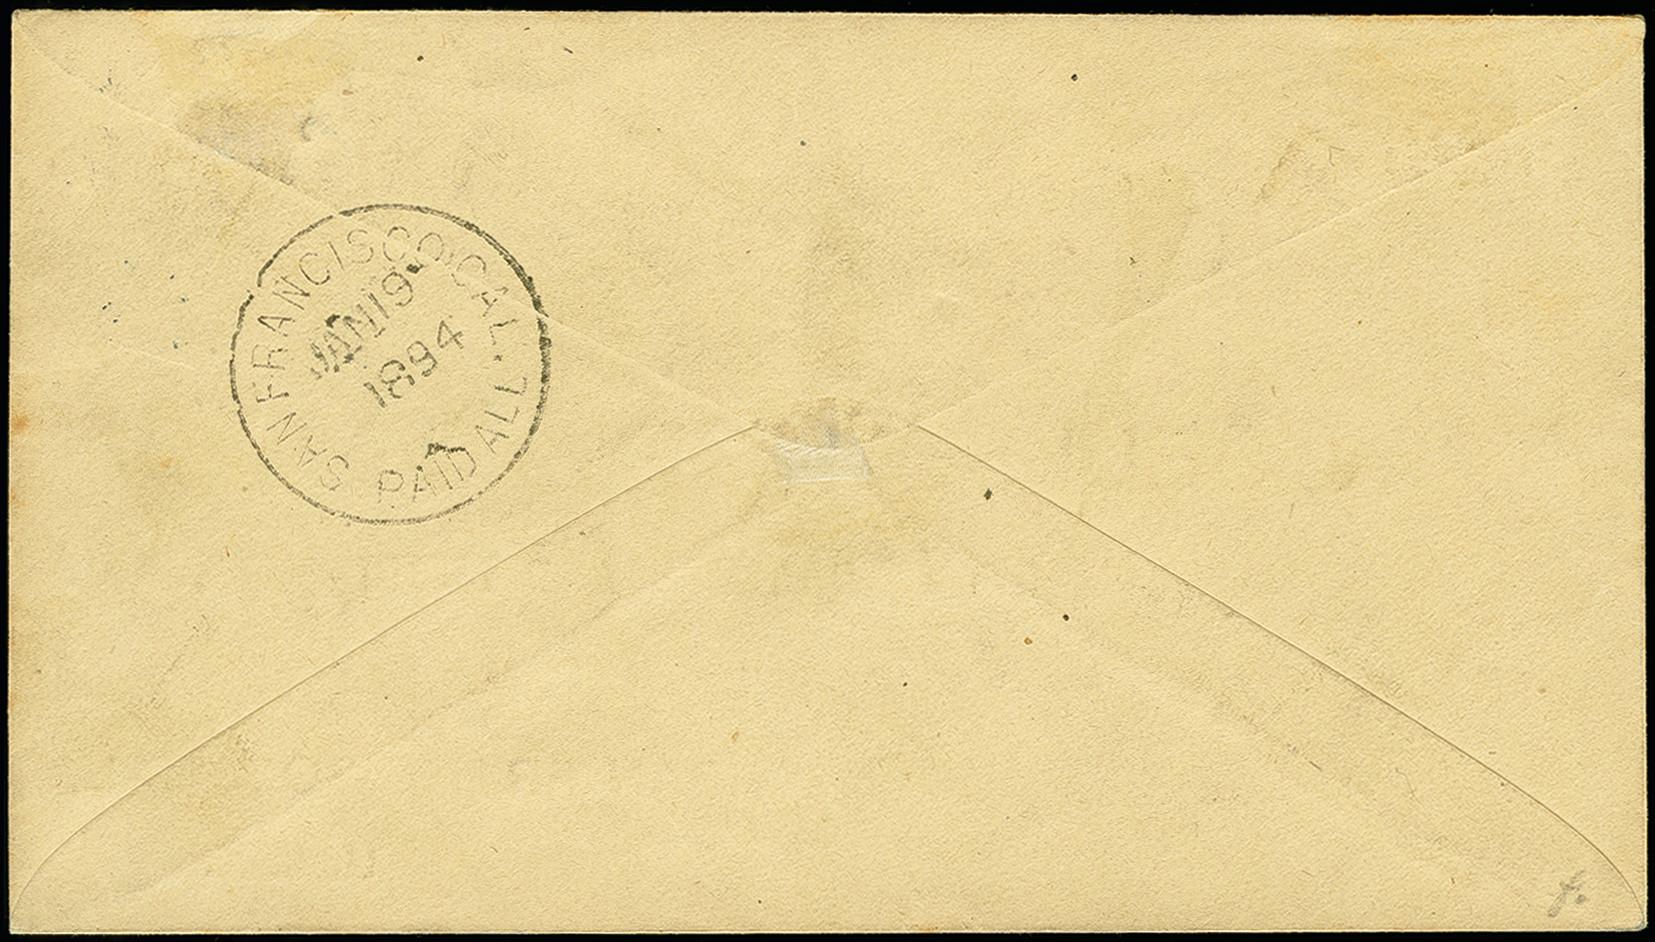 Lot 2072 - Britisch Commonwealth samoa -  Heinrich Koehler Auktionen 375rd Heinrich Köhler auction - Day 1